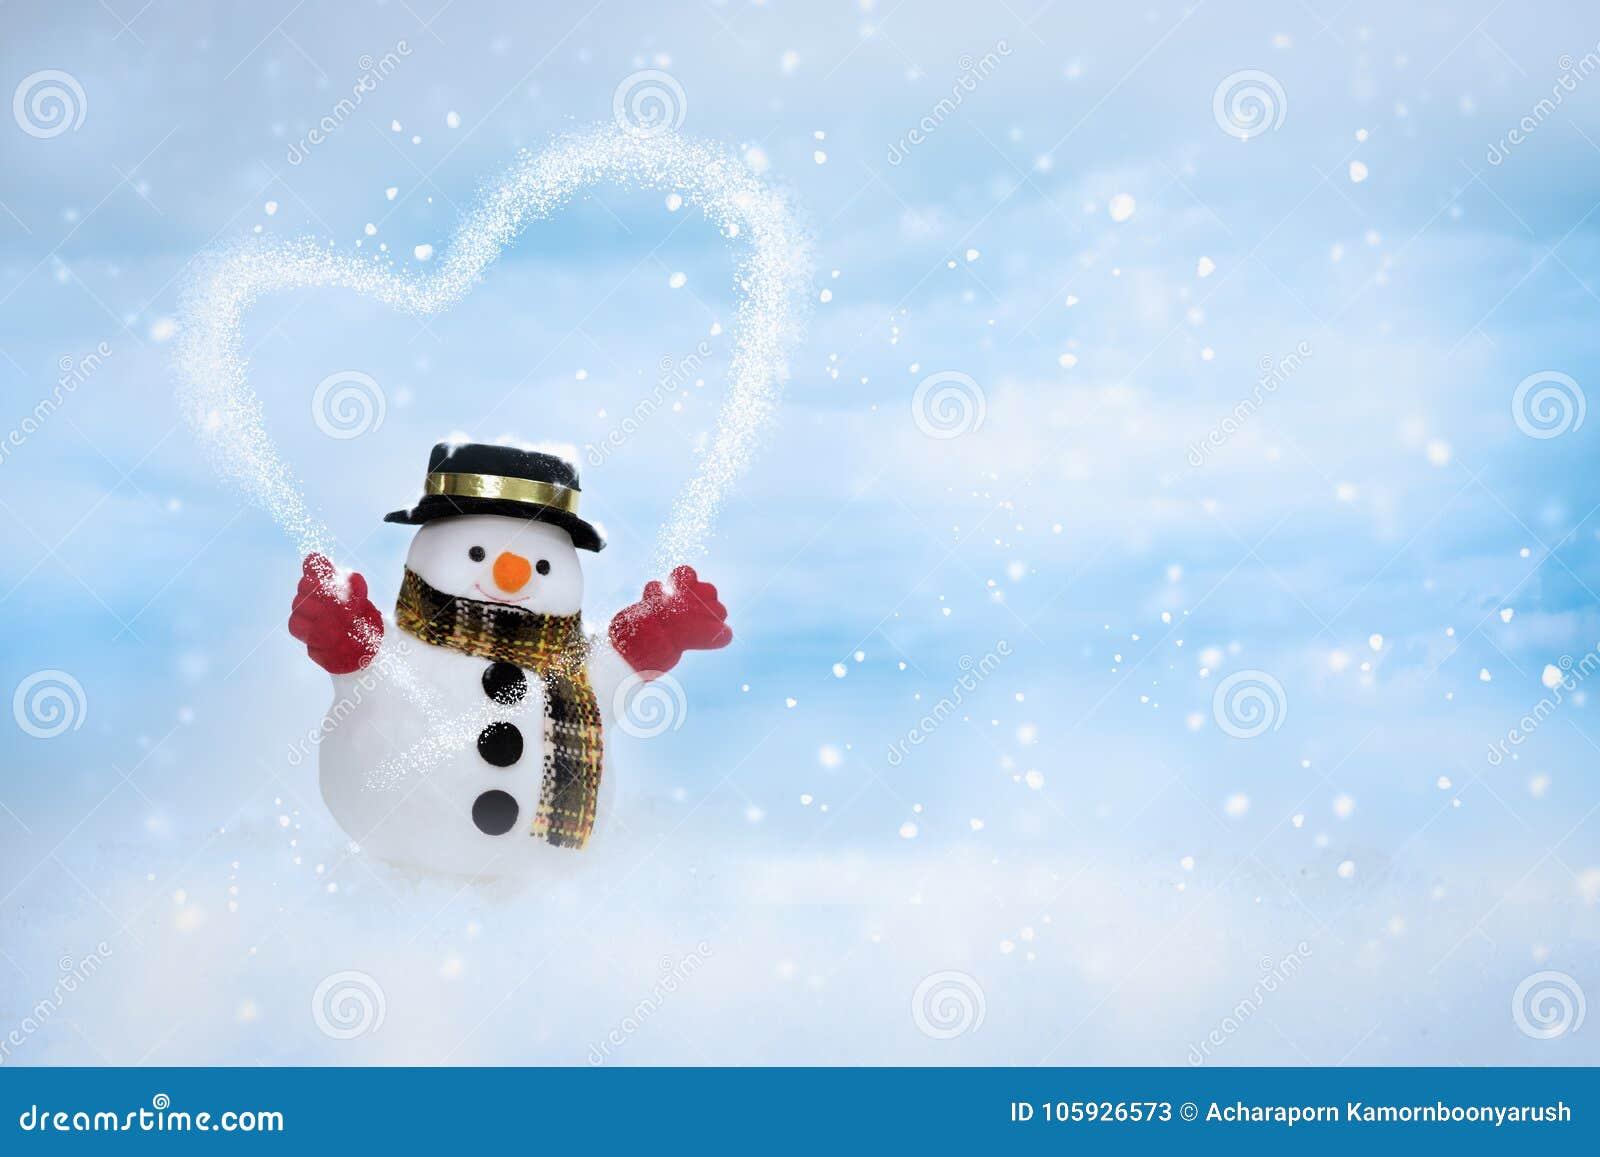 Den lyckliga snögubben står i vinterjullandskap